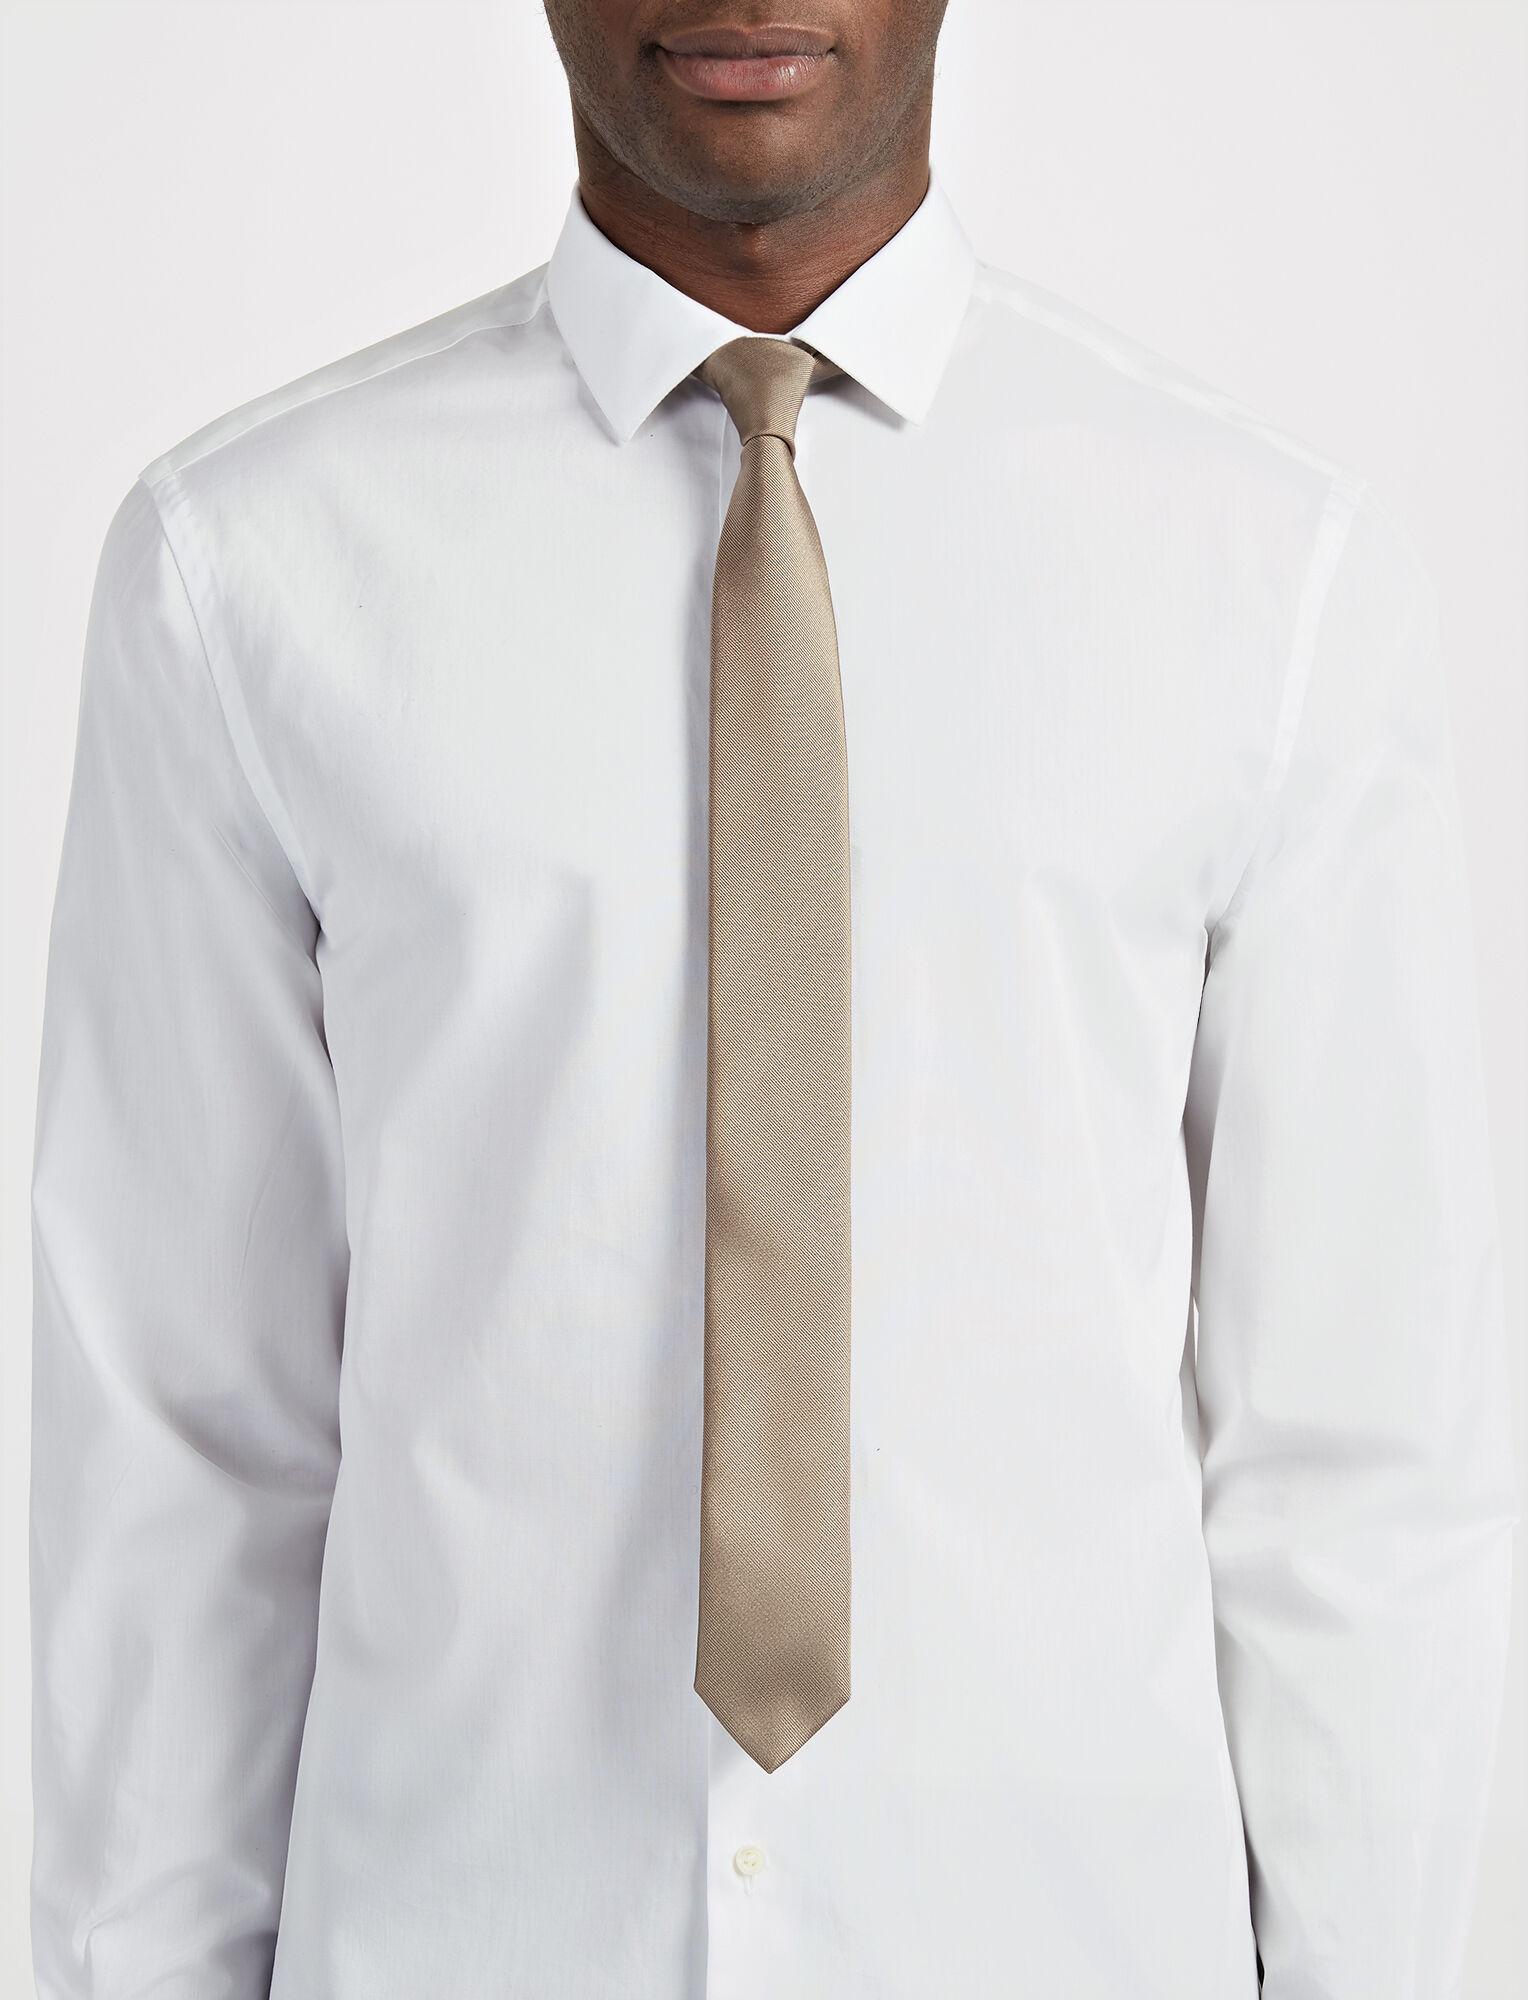 Joseph, Silk Tie, in CLAY